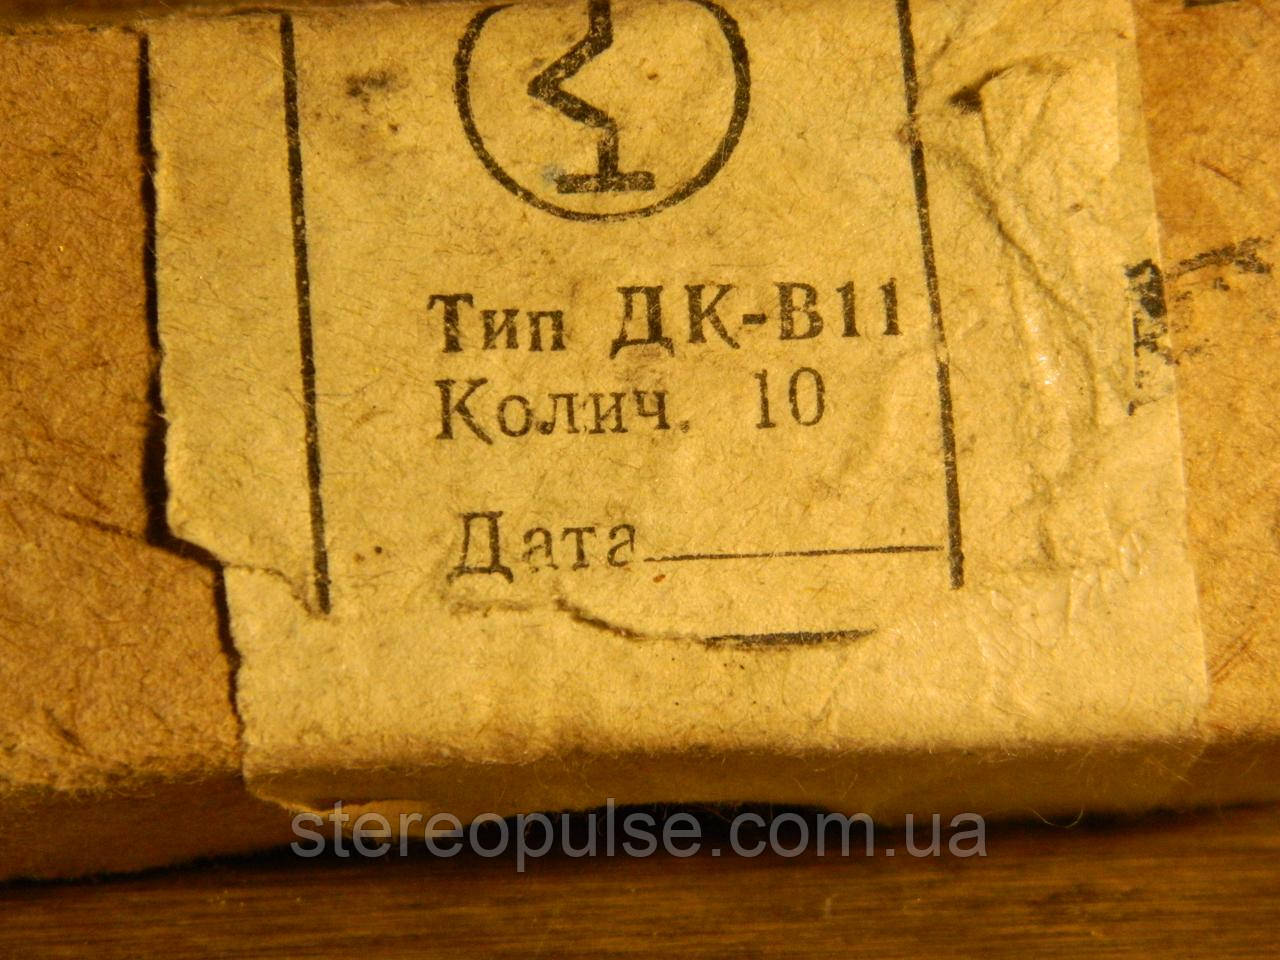 Диод  ДК-В11